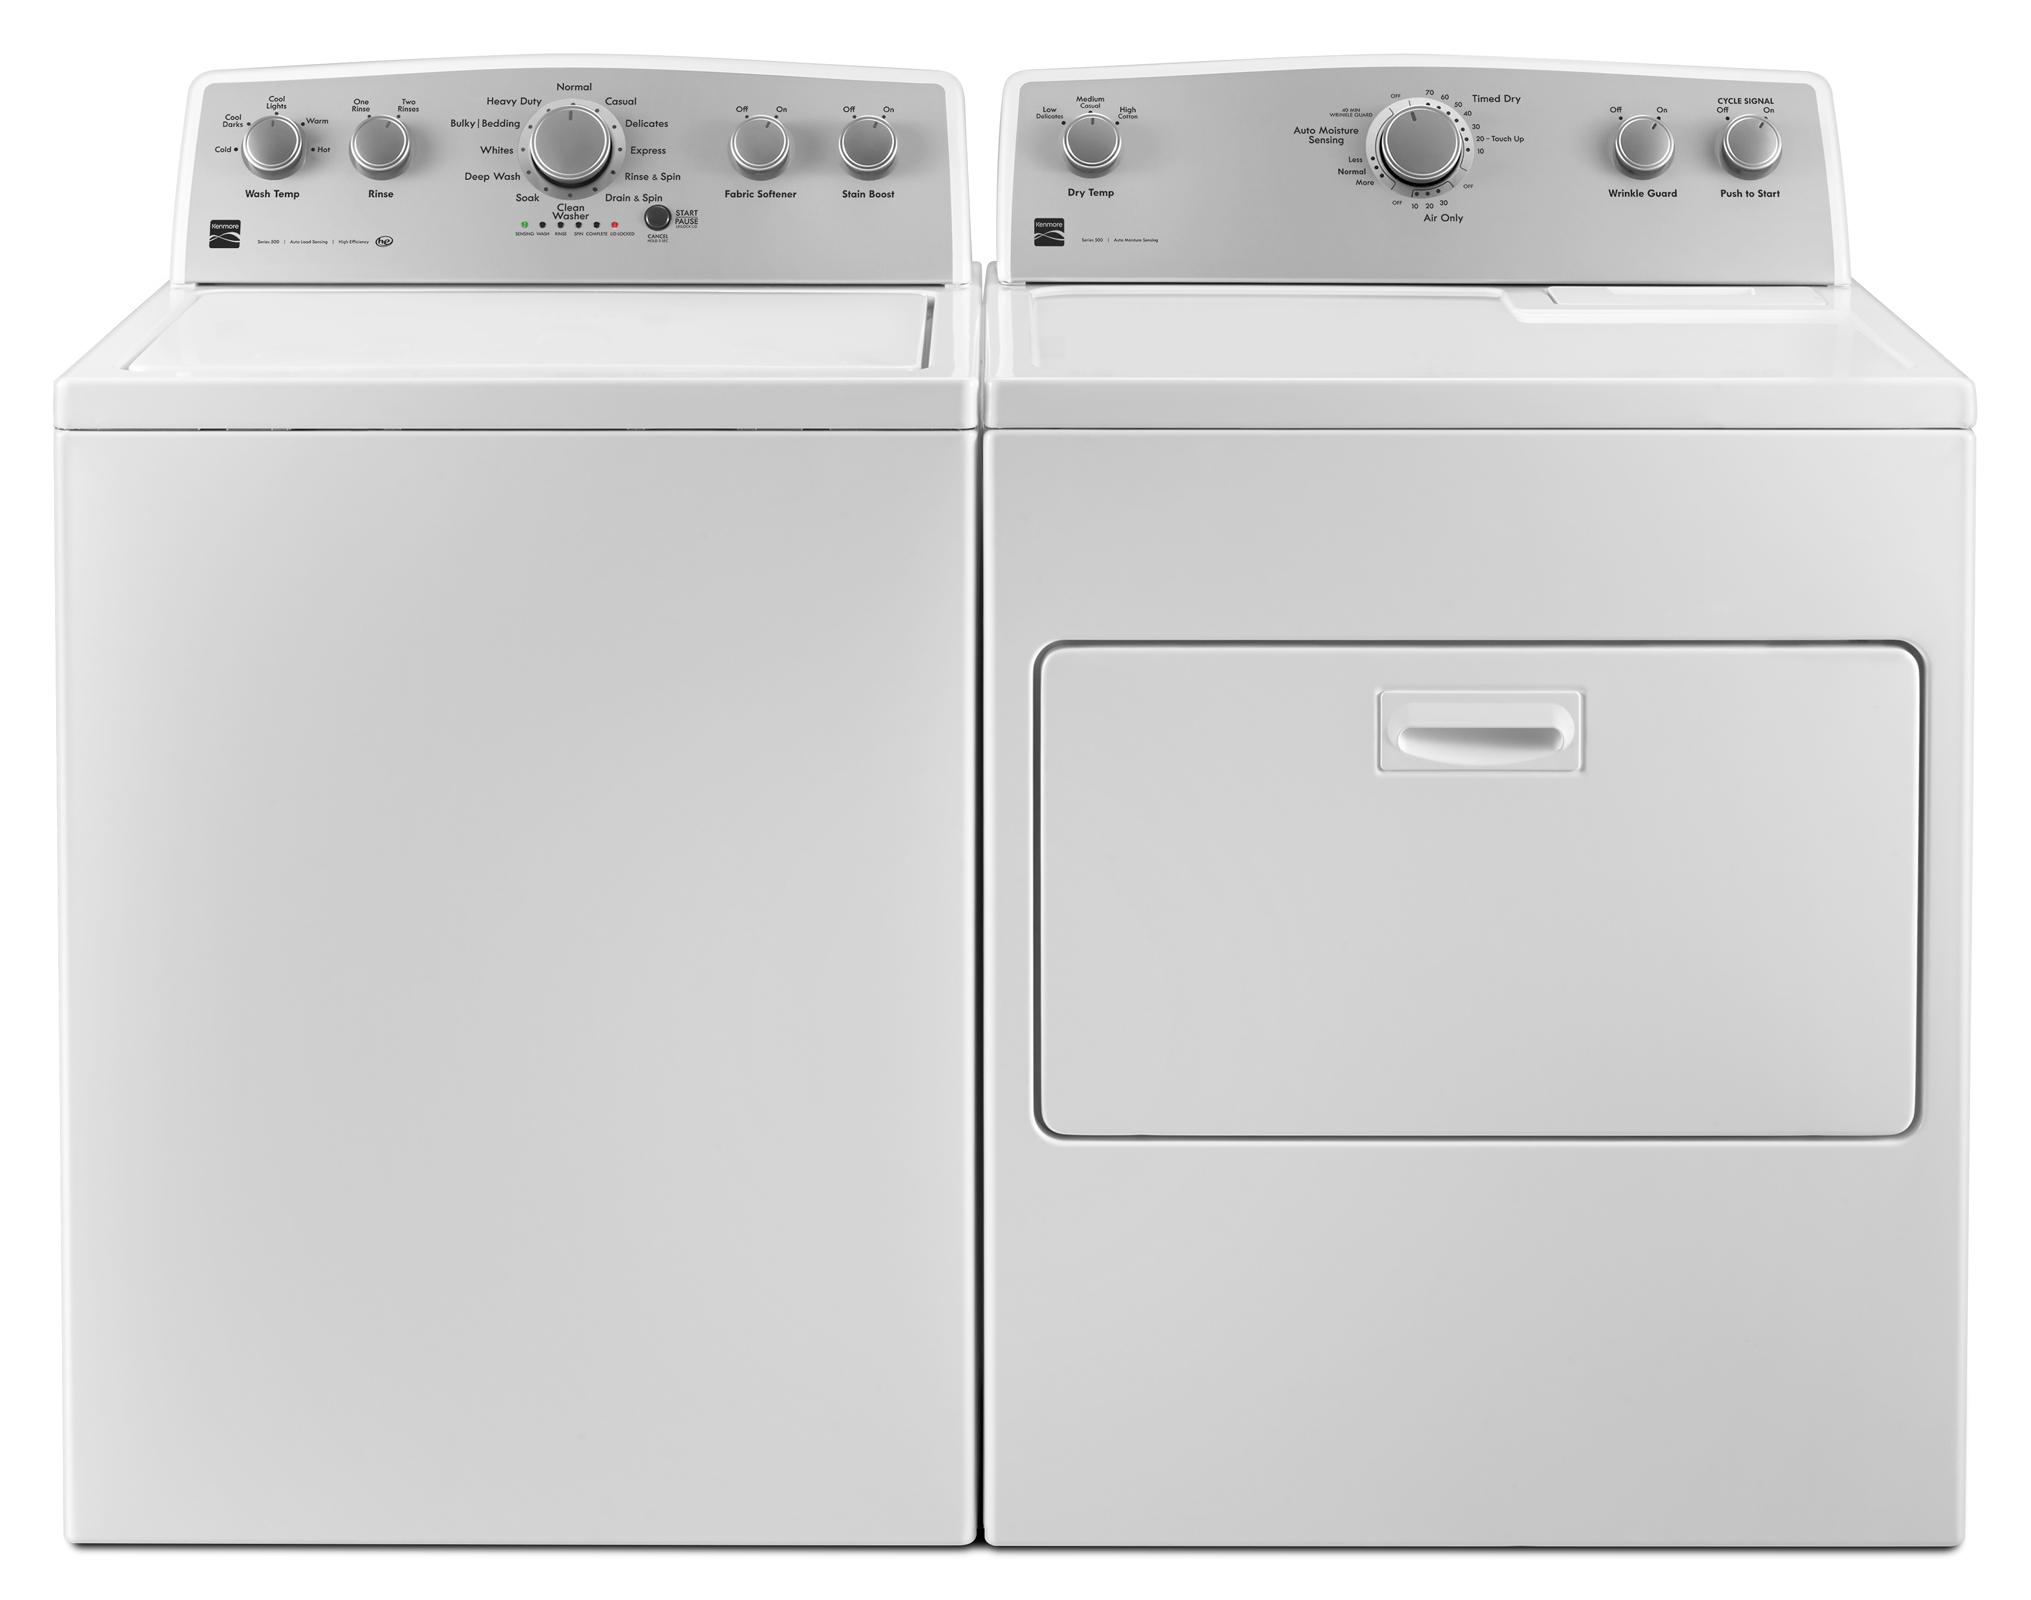 4.3 cu. ft. Top Load Washer & 7.0 cu. ft. Dryer Bundle - White